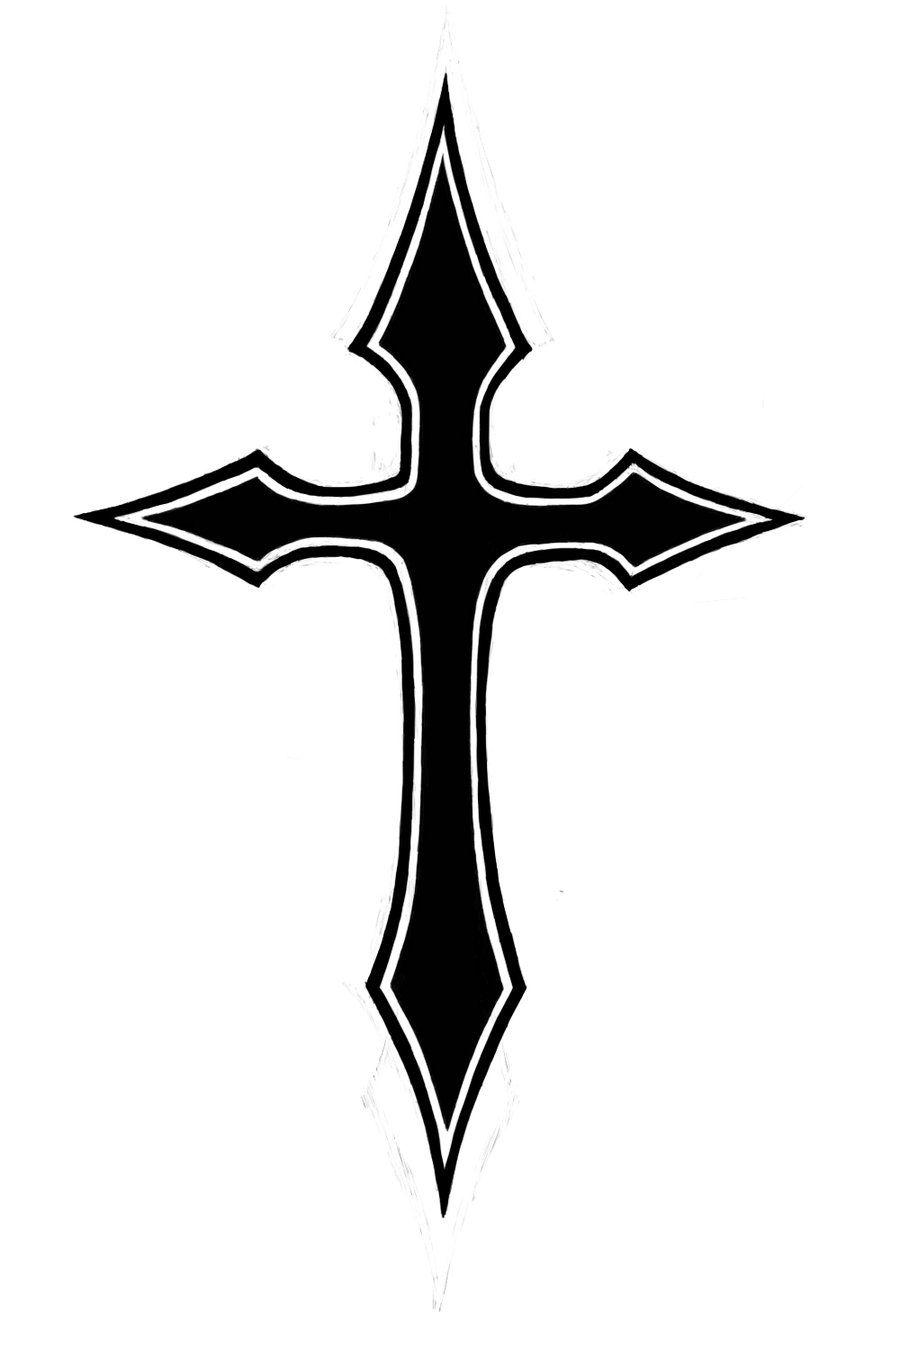 Solid Cross Tattoos : solid, cross, tattoos, Solid, Cross, Tattoo